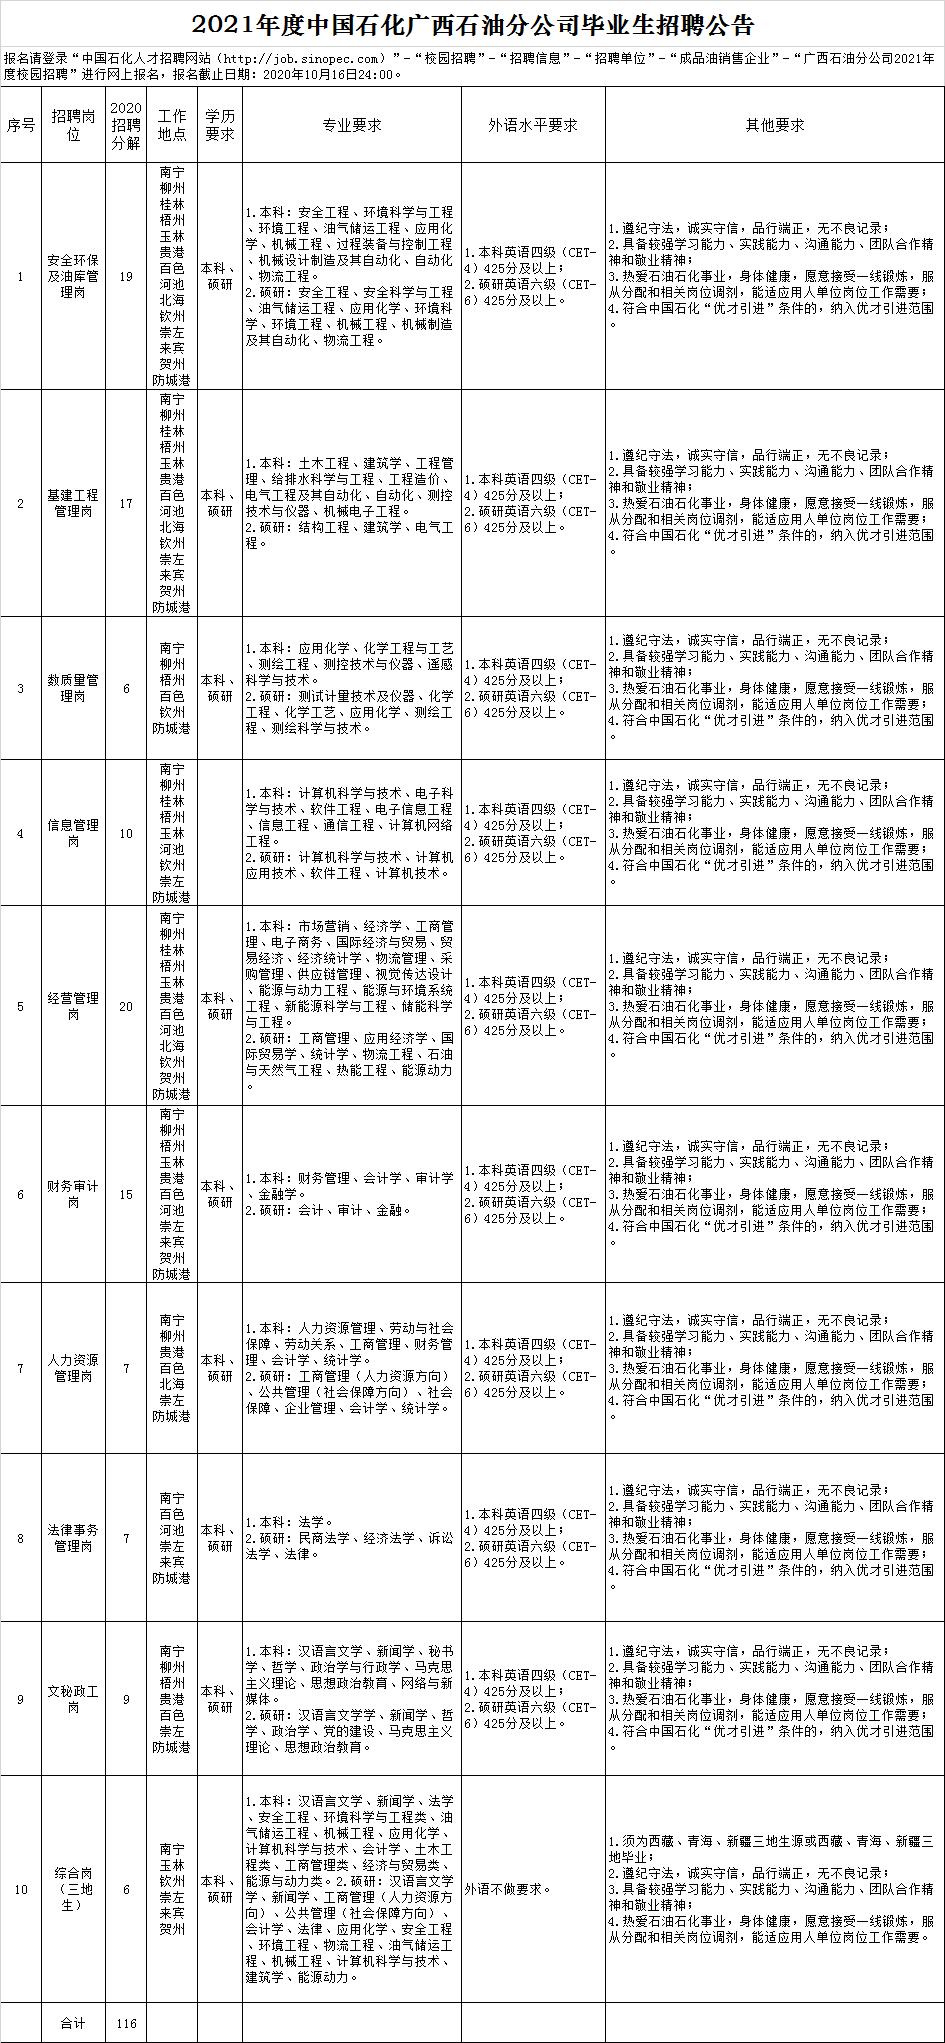 2021年度中國石化廣西石油分公司畢業生招聘公告.png